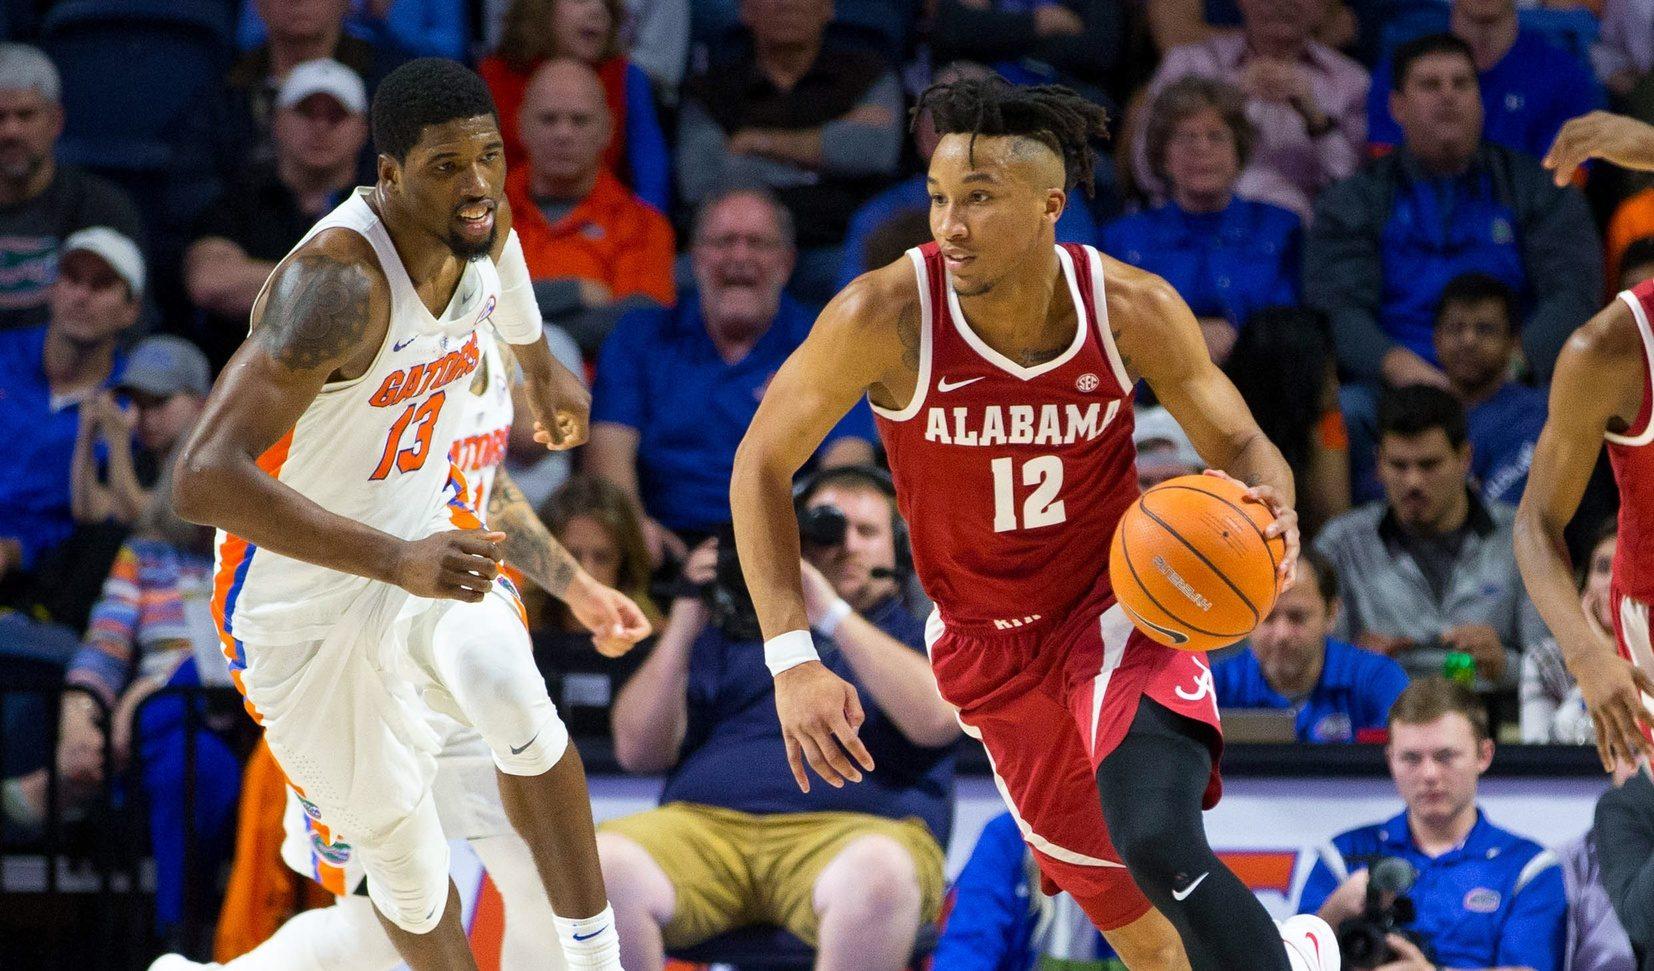 Alabama Men's Hoops Needs a Win - ESPN 98.1 FM - 850 AM WRUF